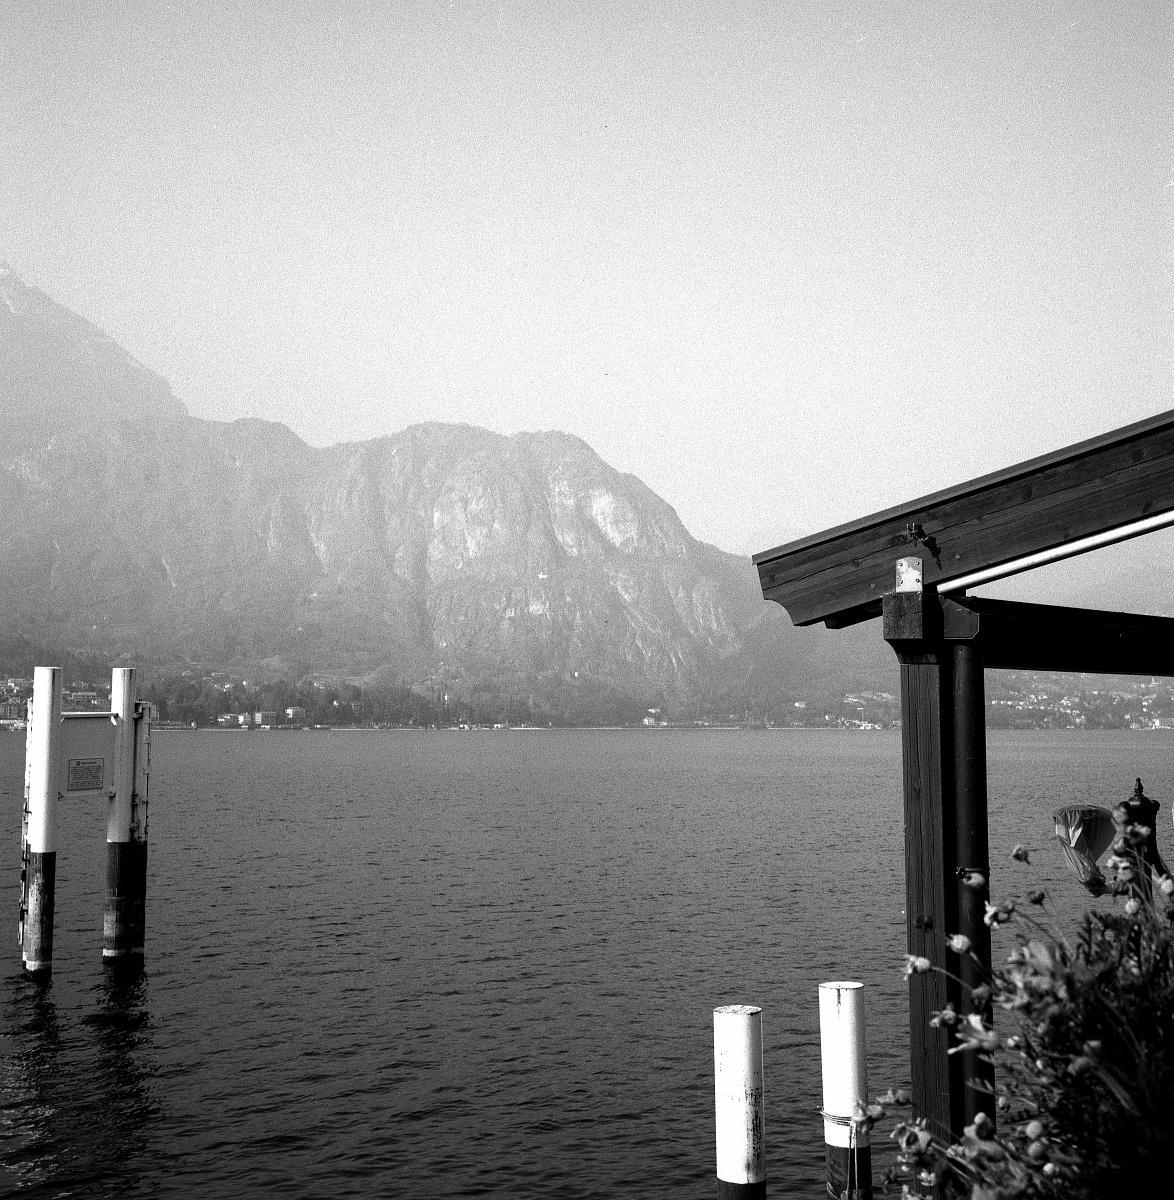 Ritrovando il piacere della pellicola - Rolleiflex Planar 3.5 - Kodak TRIX 400 a 1600 ASA - BELLAGIO